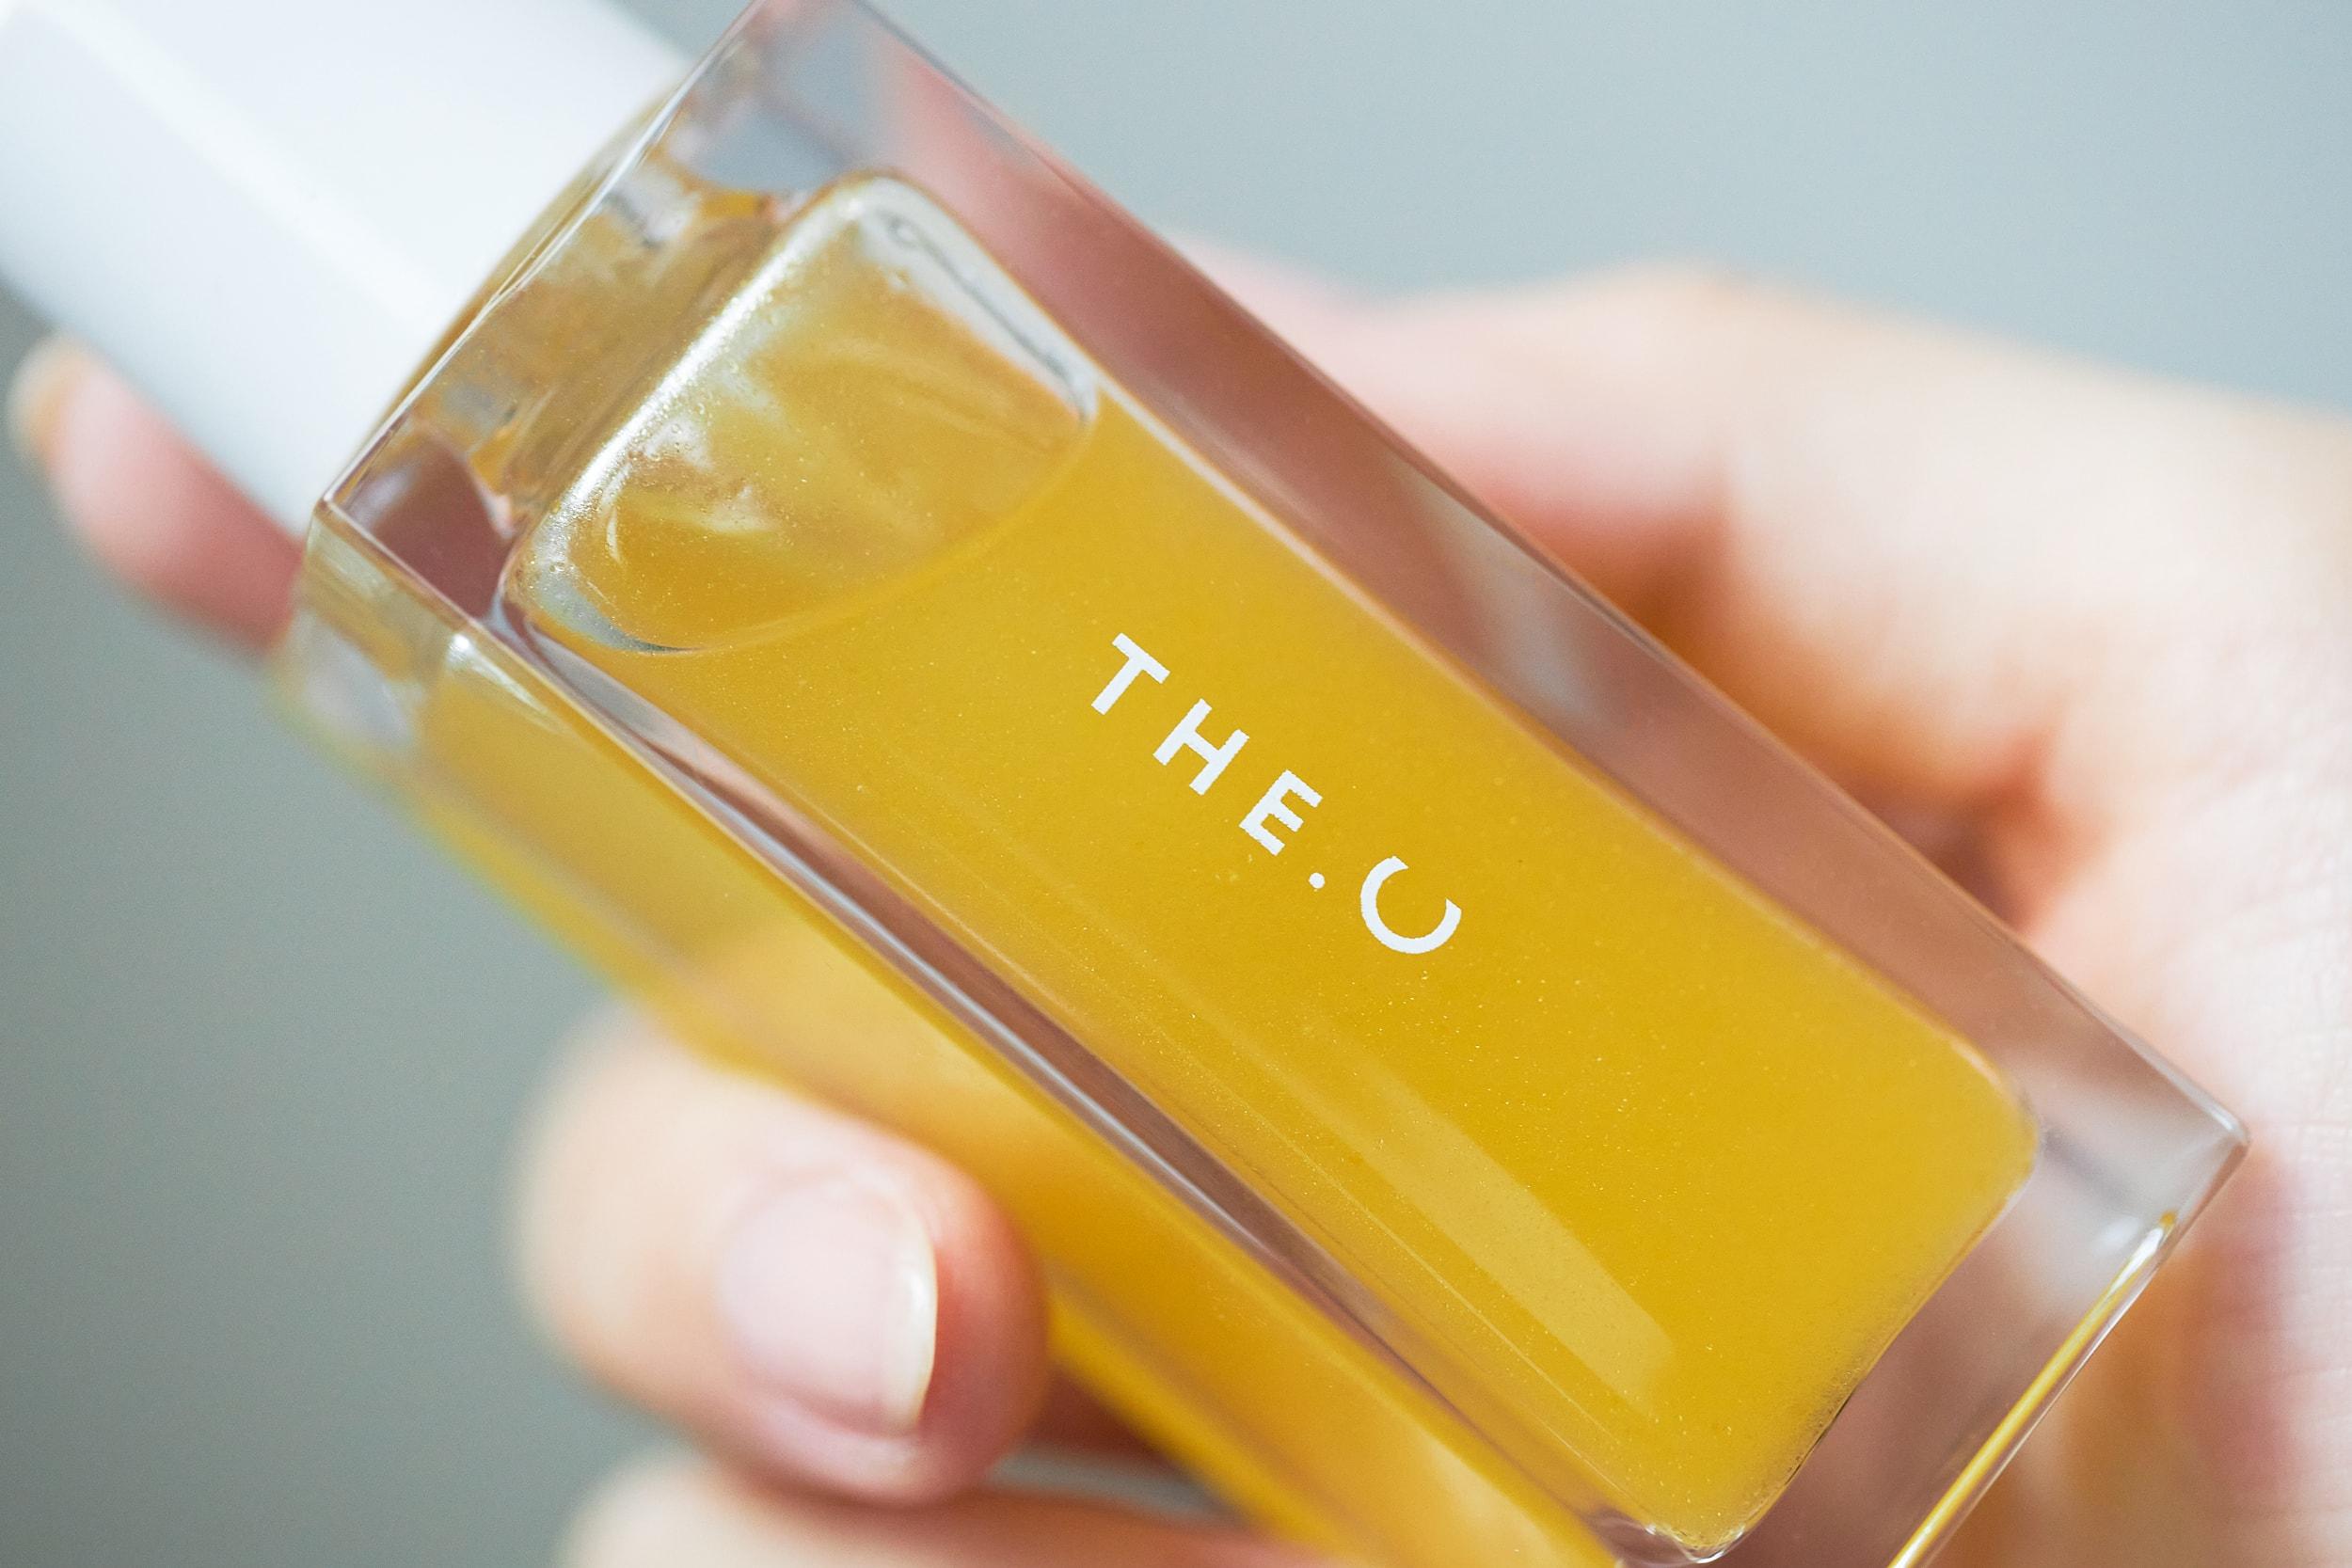 売り上げの一部を植樹活動に。エシカルコスメ「THE.C」がデビュー